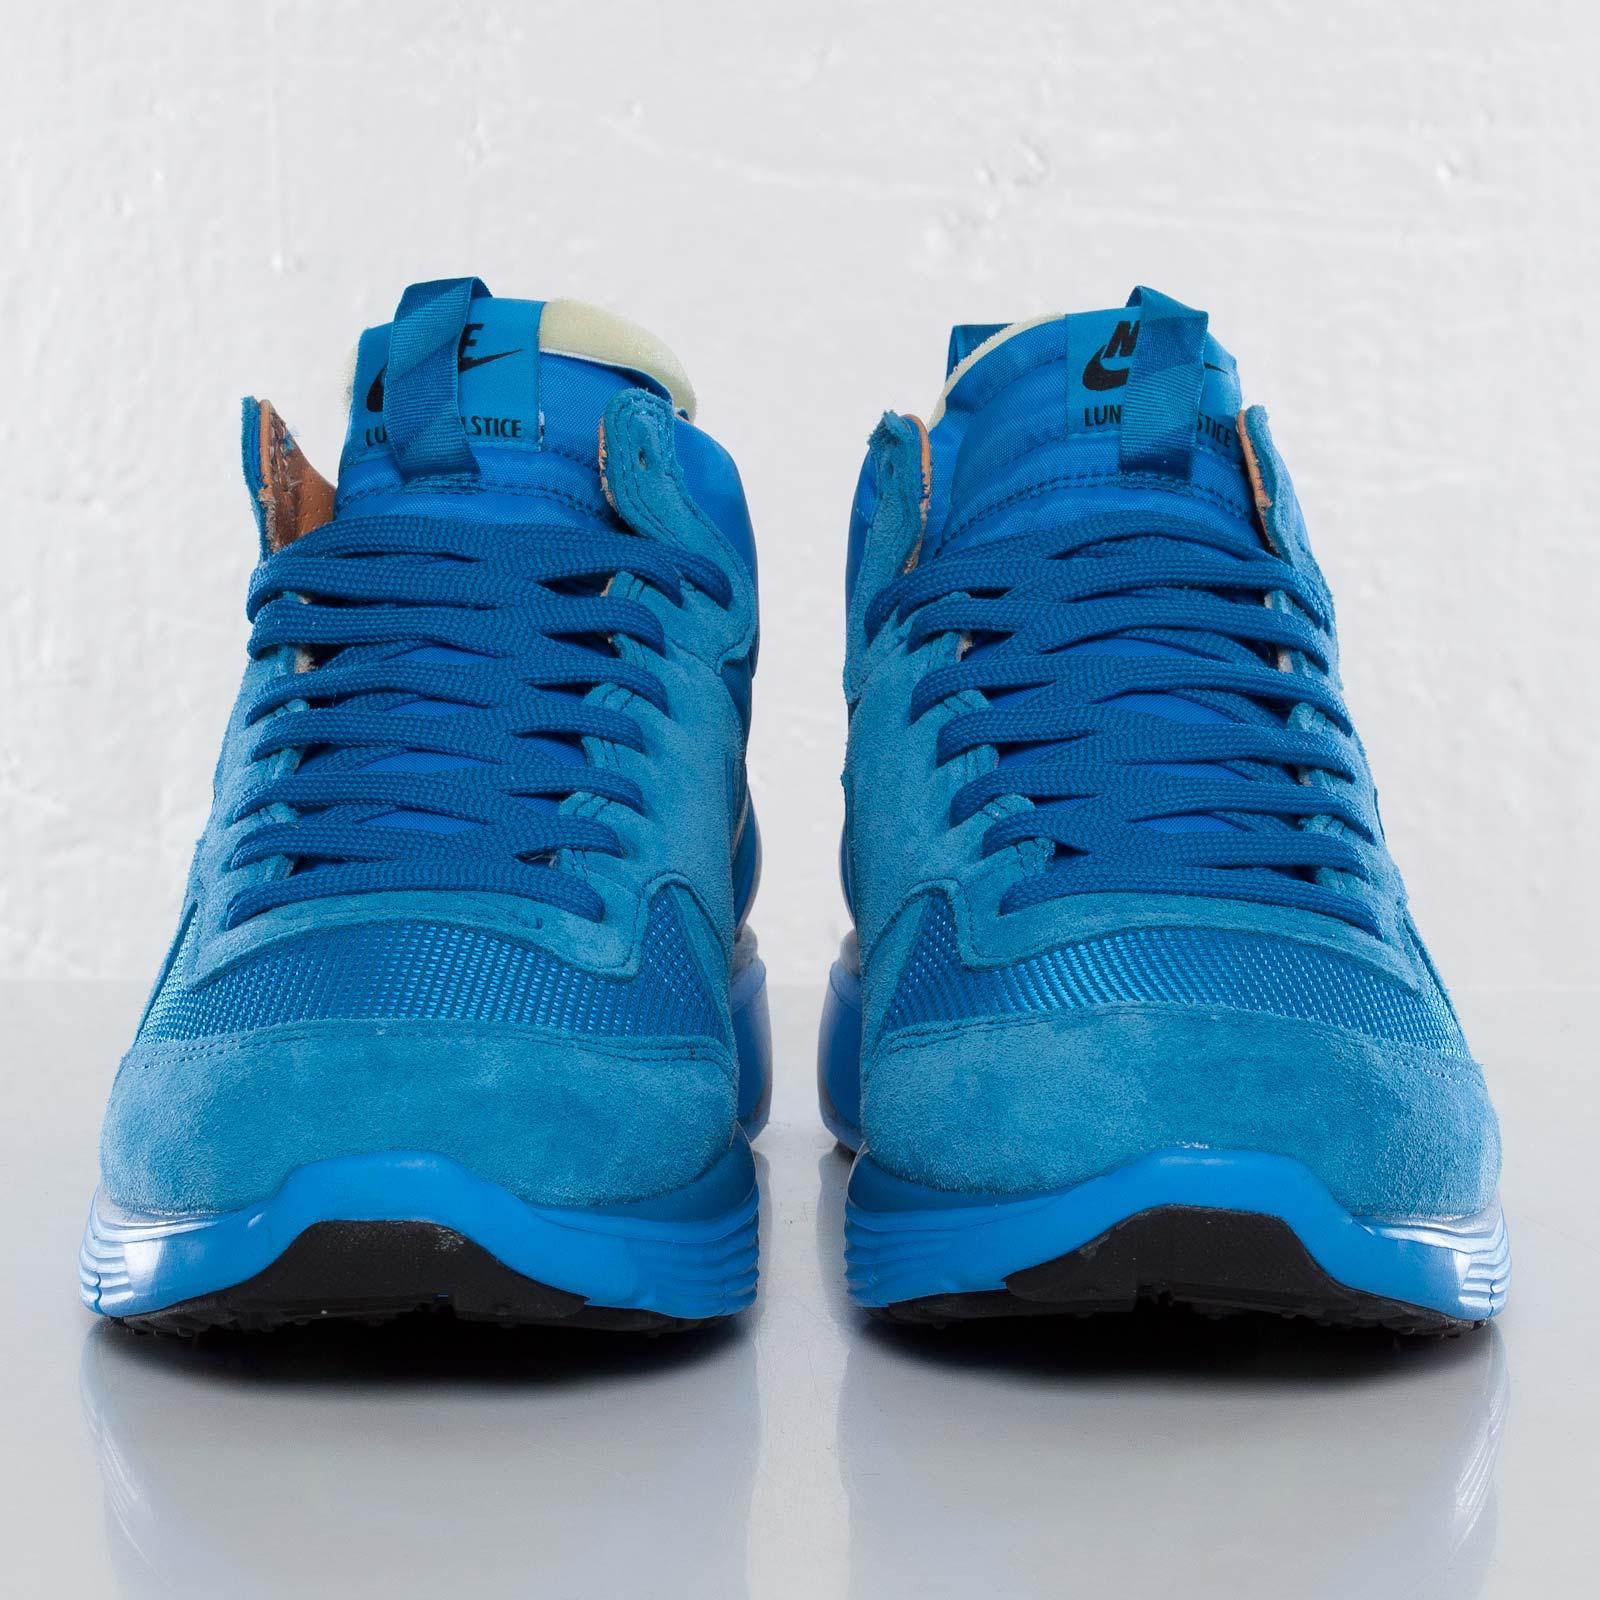 huge selection of 8bf55 81618 Nike Lunar Solstice Mid SP - 598152-470 - Sneakersnstuff   sneakers    streetwear online since 1999